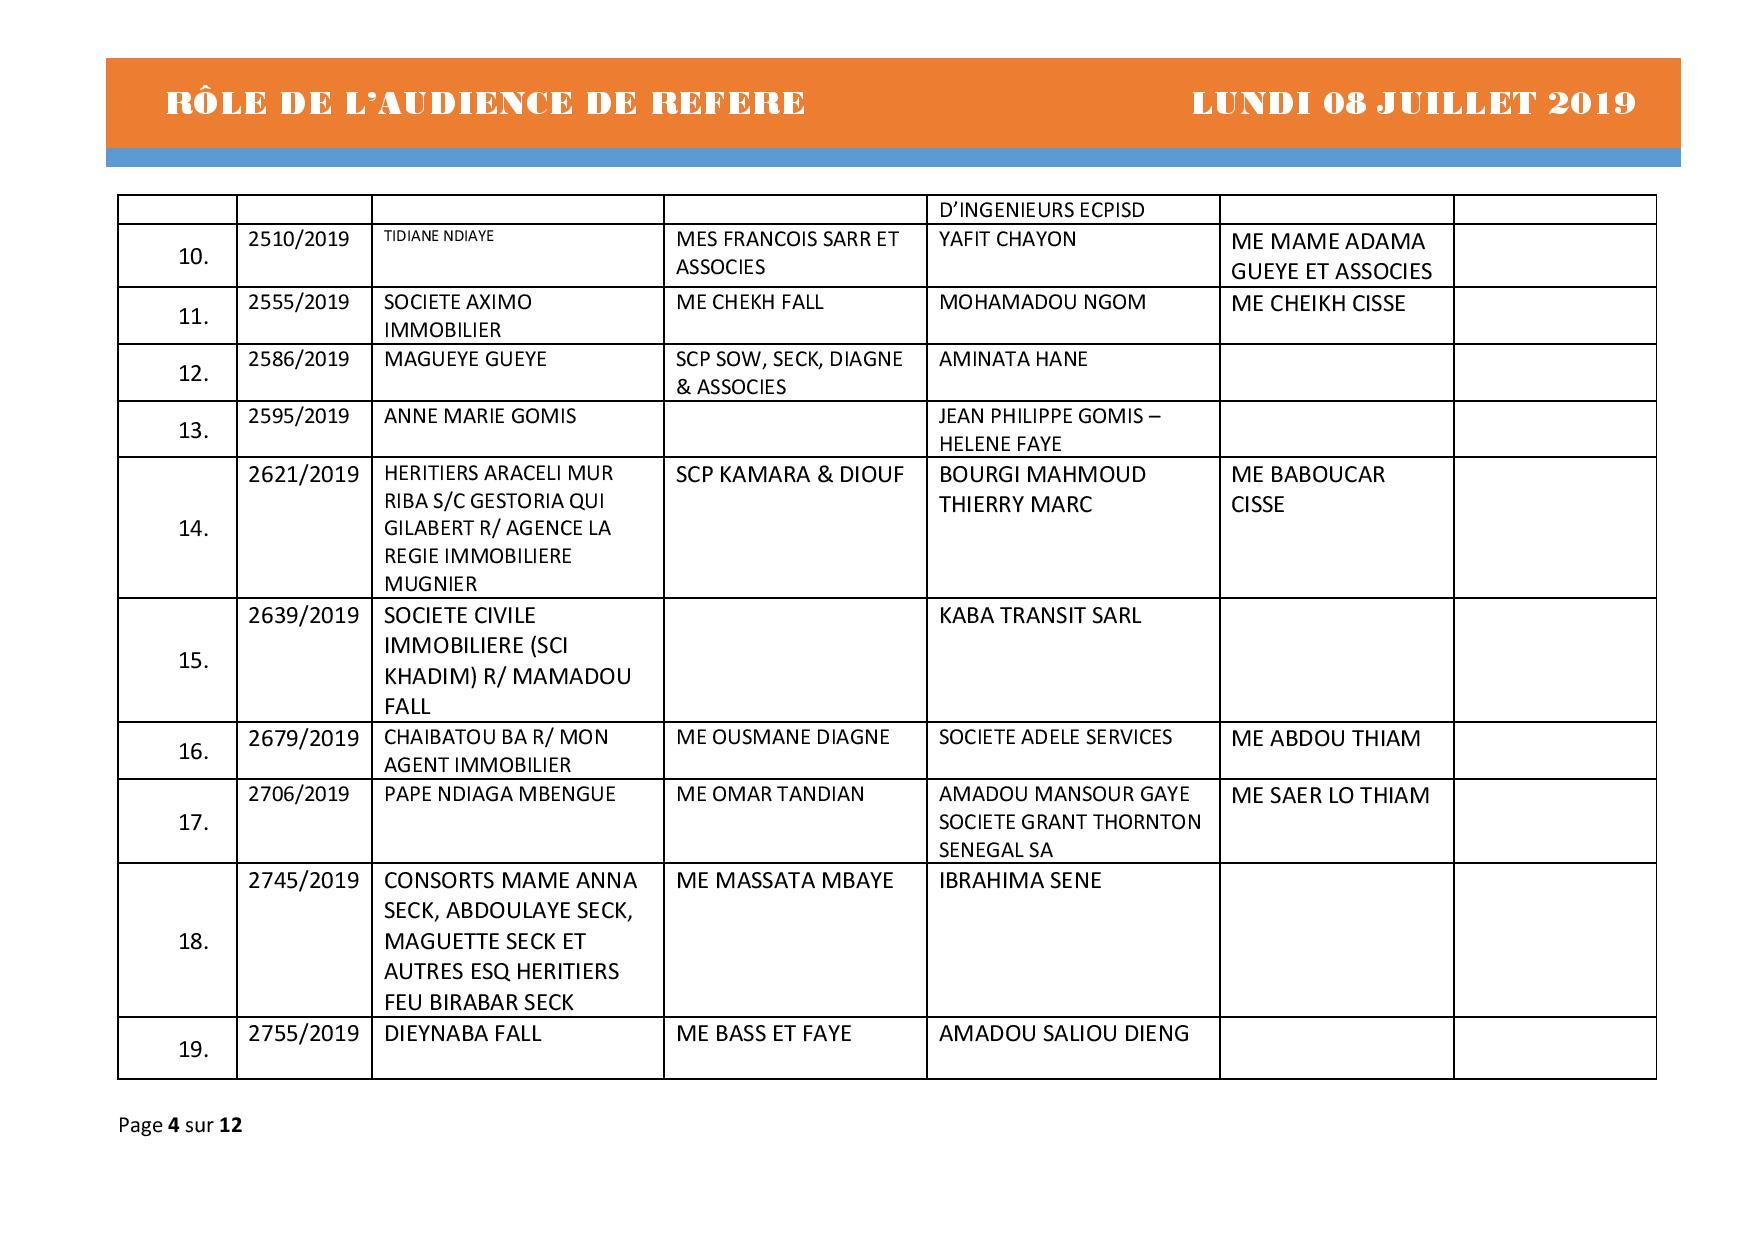 Tribunal du Commerce: Audiences des Référés de ce lundi 8 juillet 2019